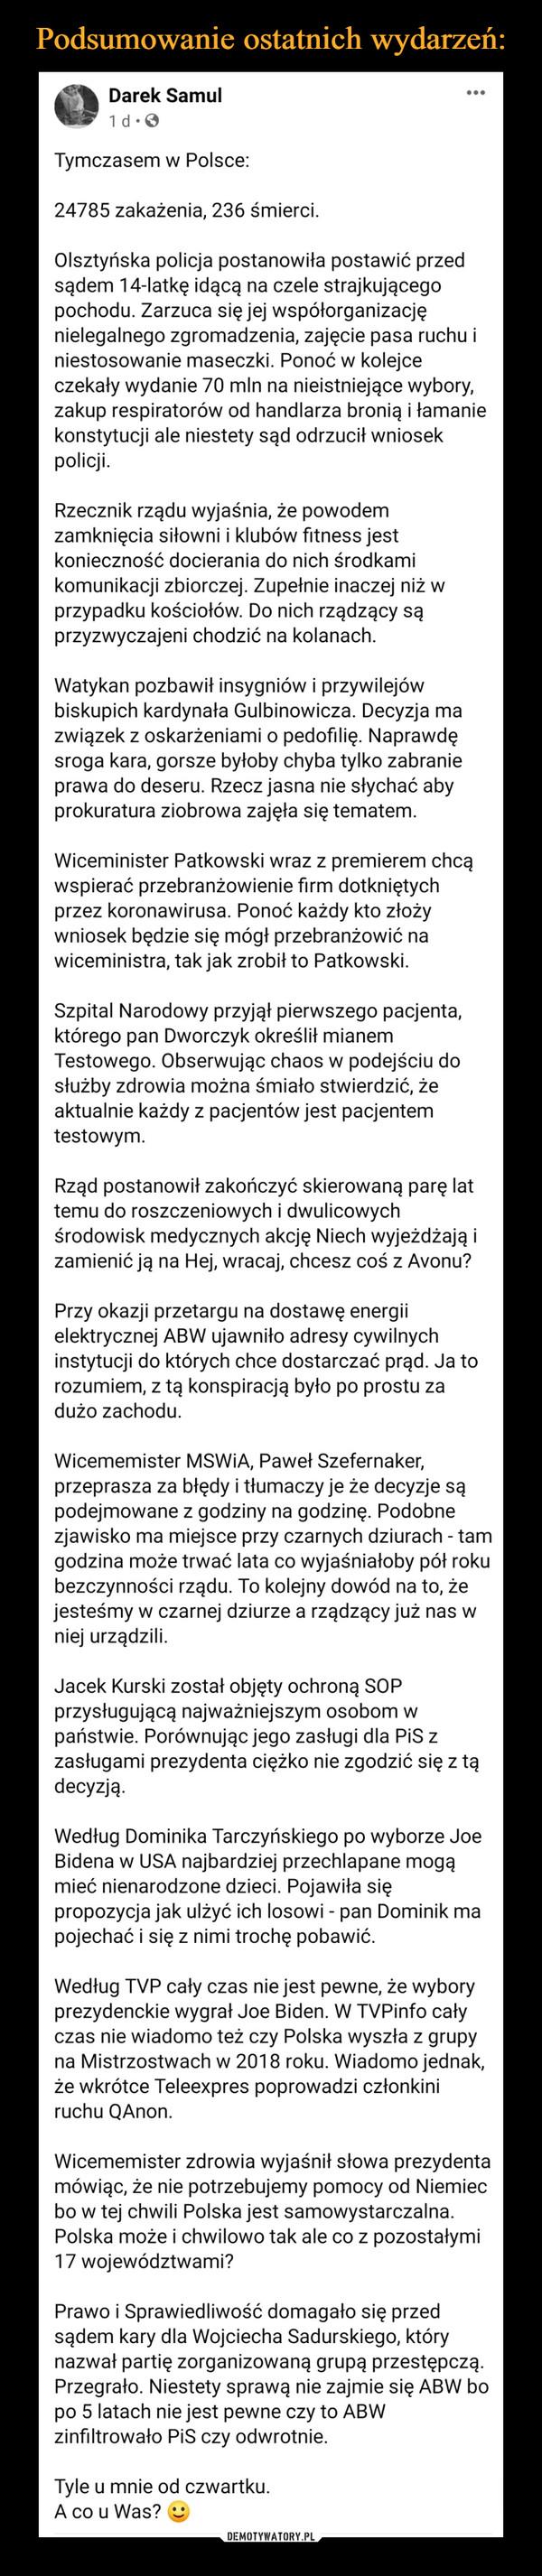 –  Darek Samulc8 listhltgoSsppsgSoarchnsafdoarf o gtgonedzigccfnihie go1uts0hddm:58  · Tymczasem w Polsce:24785 zakażenia, 236 śmierci.Olsztyńska policja postanowiła postawić przed sądem 14-latkę idącą na czele strajkującego pochodu. Zarzuca się jej współorganizację nielegalnego zgromadzenia, zajęcie pasa ruchu i niestosowanie maseczki. Ponoć w kolejce czekały wydanie 70 mln na nieistniejące wybory, zakup respiratorów od handlarza bronią i łamanie konstytucji ale niestety sąd odrzucił wniosek policji.Rzecznik rządu wyjaśnia, że powodem zamknięcia siłowni i klubów fitness jest konieczność docierania do nich środkami komunikacji zbiorczej. Zupełnie inaczej niż w przypadku kościołów. Do nich rządzący są przyzwyczajeni chodzić na kolanach.Watykan pozbawił insygniów i przywilejów biskupich kardynała Gulbinowicza. Decyzja ma związek z oskarżeniami o pedofilię. Naprawdę sroga kara, gorsze byłoby chyba tylko zabranie prawa do deseru. Rzecz jasna nie słychać aby prokuratura ziobrowa zajęła się tematem.Wiceminister Patkowski wraz z premierem chcą wspierać przebranżowienie firm dotkniętych przez koronawirusa. Ponoć każdy kto złoży wniosek będzie się mógł przebranżowić na wiceministra, tak jak zrobił to Patkowski.Szpital Narodowy przyjął pierwszego pacjenta, którego pan Dworczyk określił mianem Testowego. Obserwując chaos w podejściu do służby zdrowia można śmiało stwierdzić, że aktualnie każdy z pacjentów jest pacjentem testowym.Rząd postanowił zakończyć skierowaną parę lat temu do roszczeniowych i dwulicowych środowisk medycznych akcję Niech wyjeżdżają i zamienić ją na Hej, wracaj, chcesz coś z Avonu?Przy okazji przetargu na dostawę energii elektrycznej ABW ujawniło adresy cywilnych instytucji do których chce dostarczać prąd. Ja to rozumiem, z tą konspiracją było po prostu za dużo zachodu.Wicememister MSWiA, Paweł Szefernaker, przeprasza za błędy i tłumaczy je że decyzje są podejmowane z godziny na godzinę. Podobne zjawisko ma miejsce przy czarnych dziurach - tam godzina może